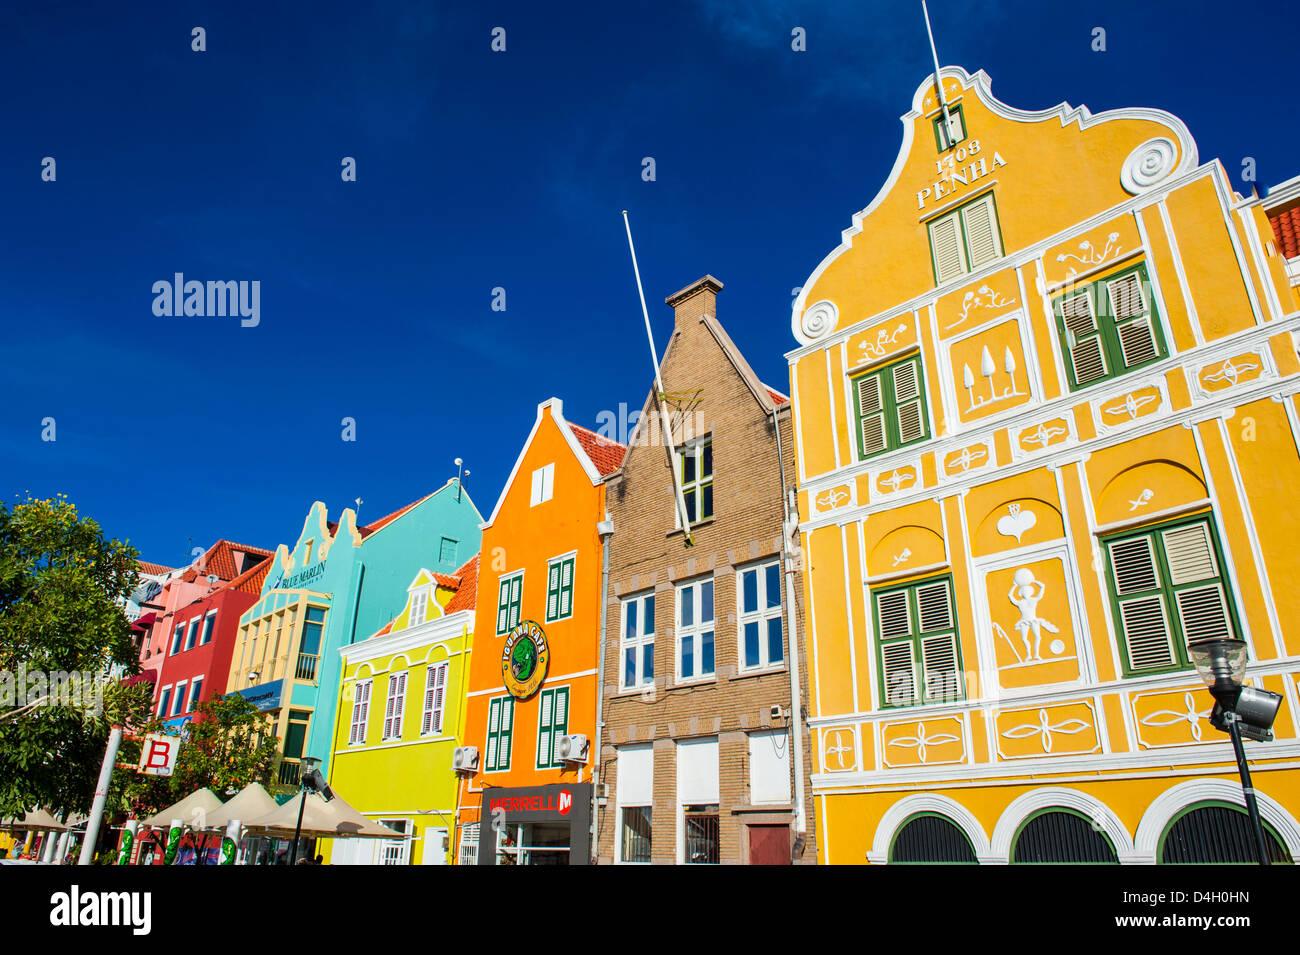 Le coloré néerlandais maisons au Sint Annabaai à Willemstad, UNESCO World Heritage Site, Curacao, Photo Stock